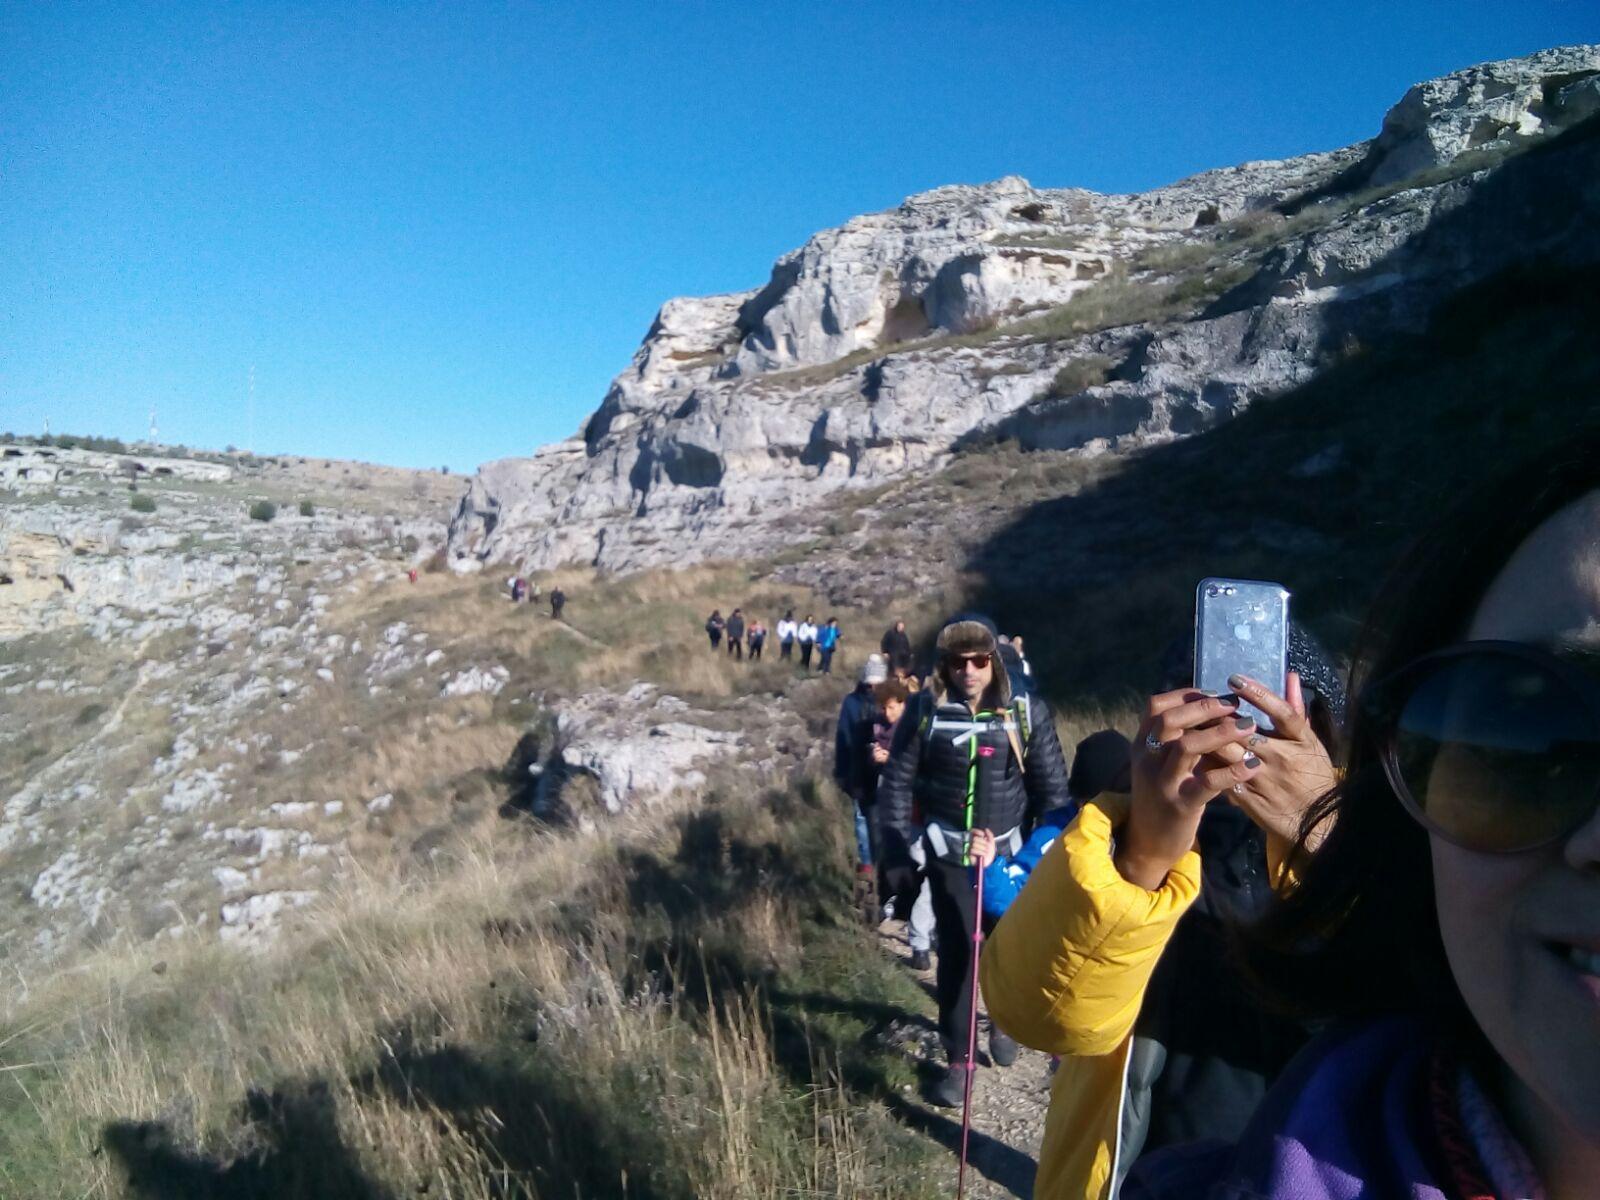 Un altro momento di una delle ultime guide effettuate nel Parco della Murgia Materana accompagnando un gruppo di escursionisti